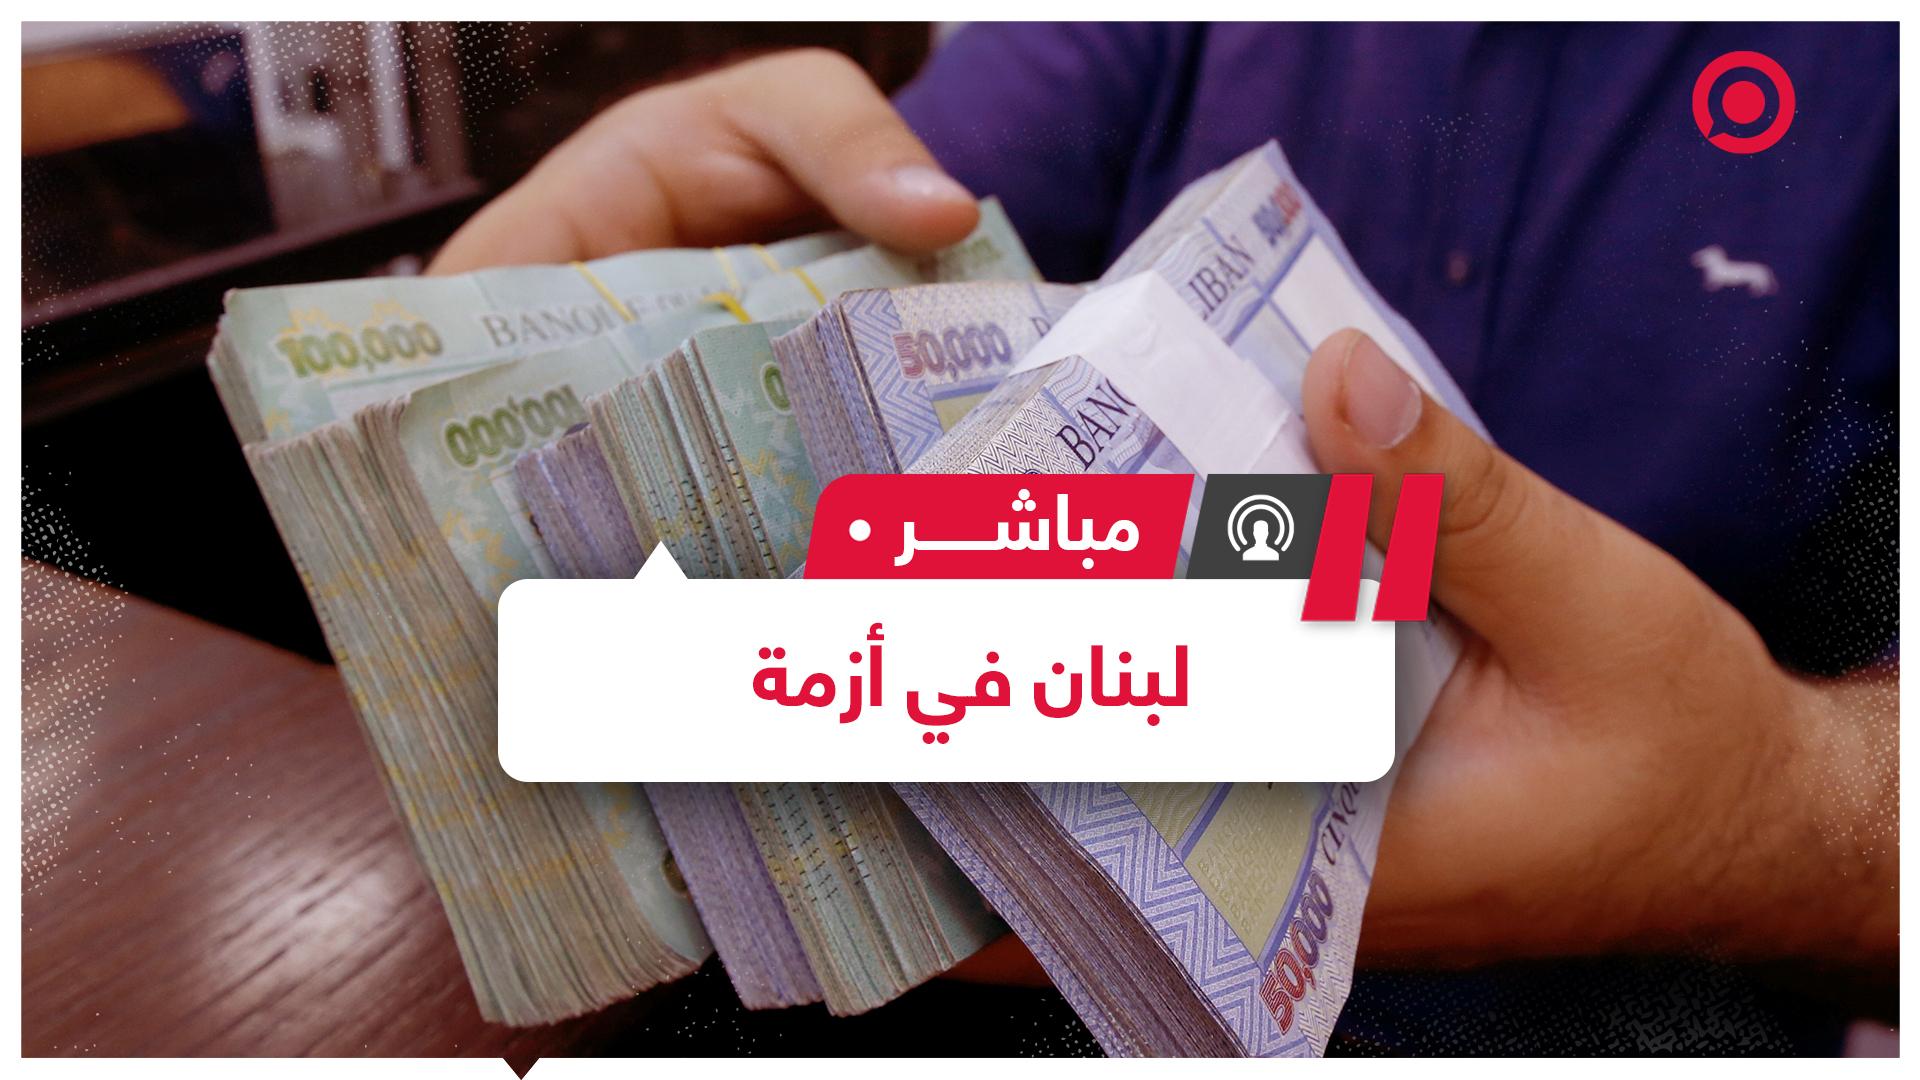 تفاقم الأزمة وانهيار العملة المحلية يحولان الشارع اللبناني إلى